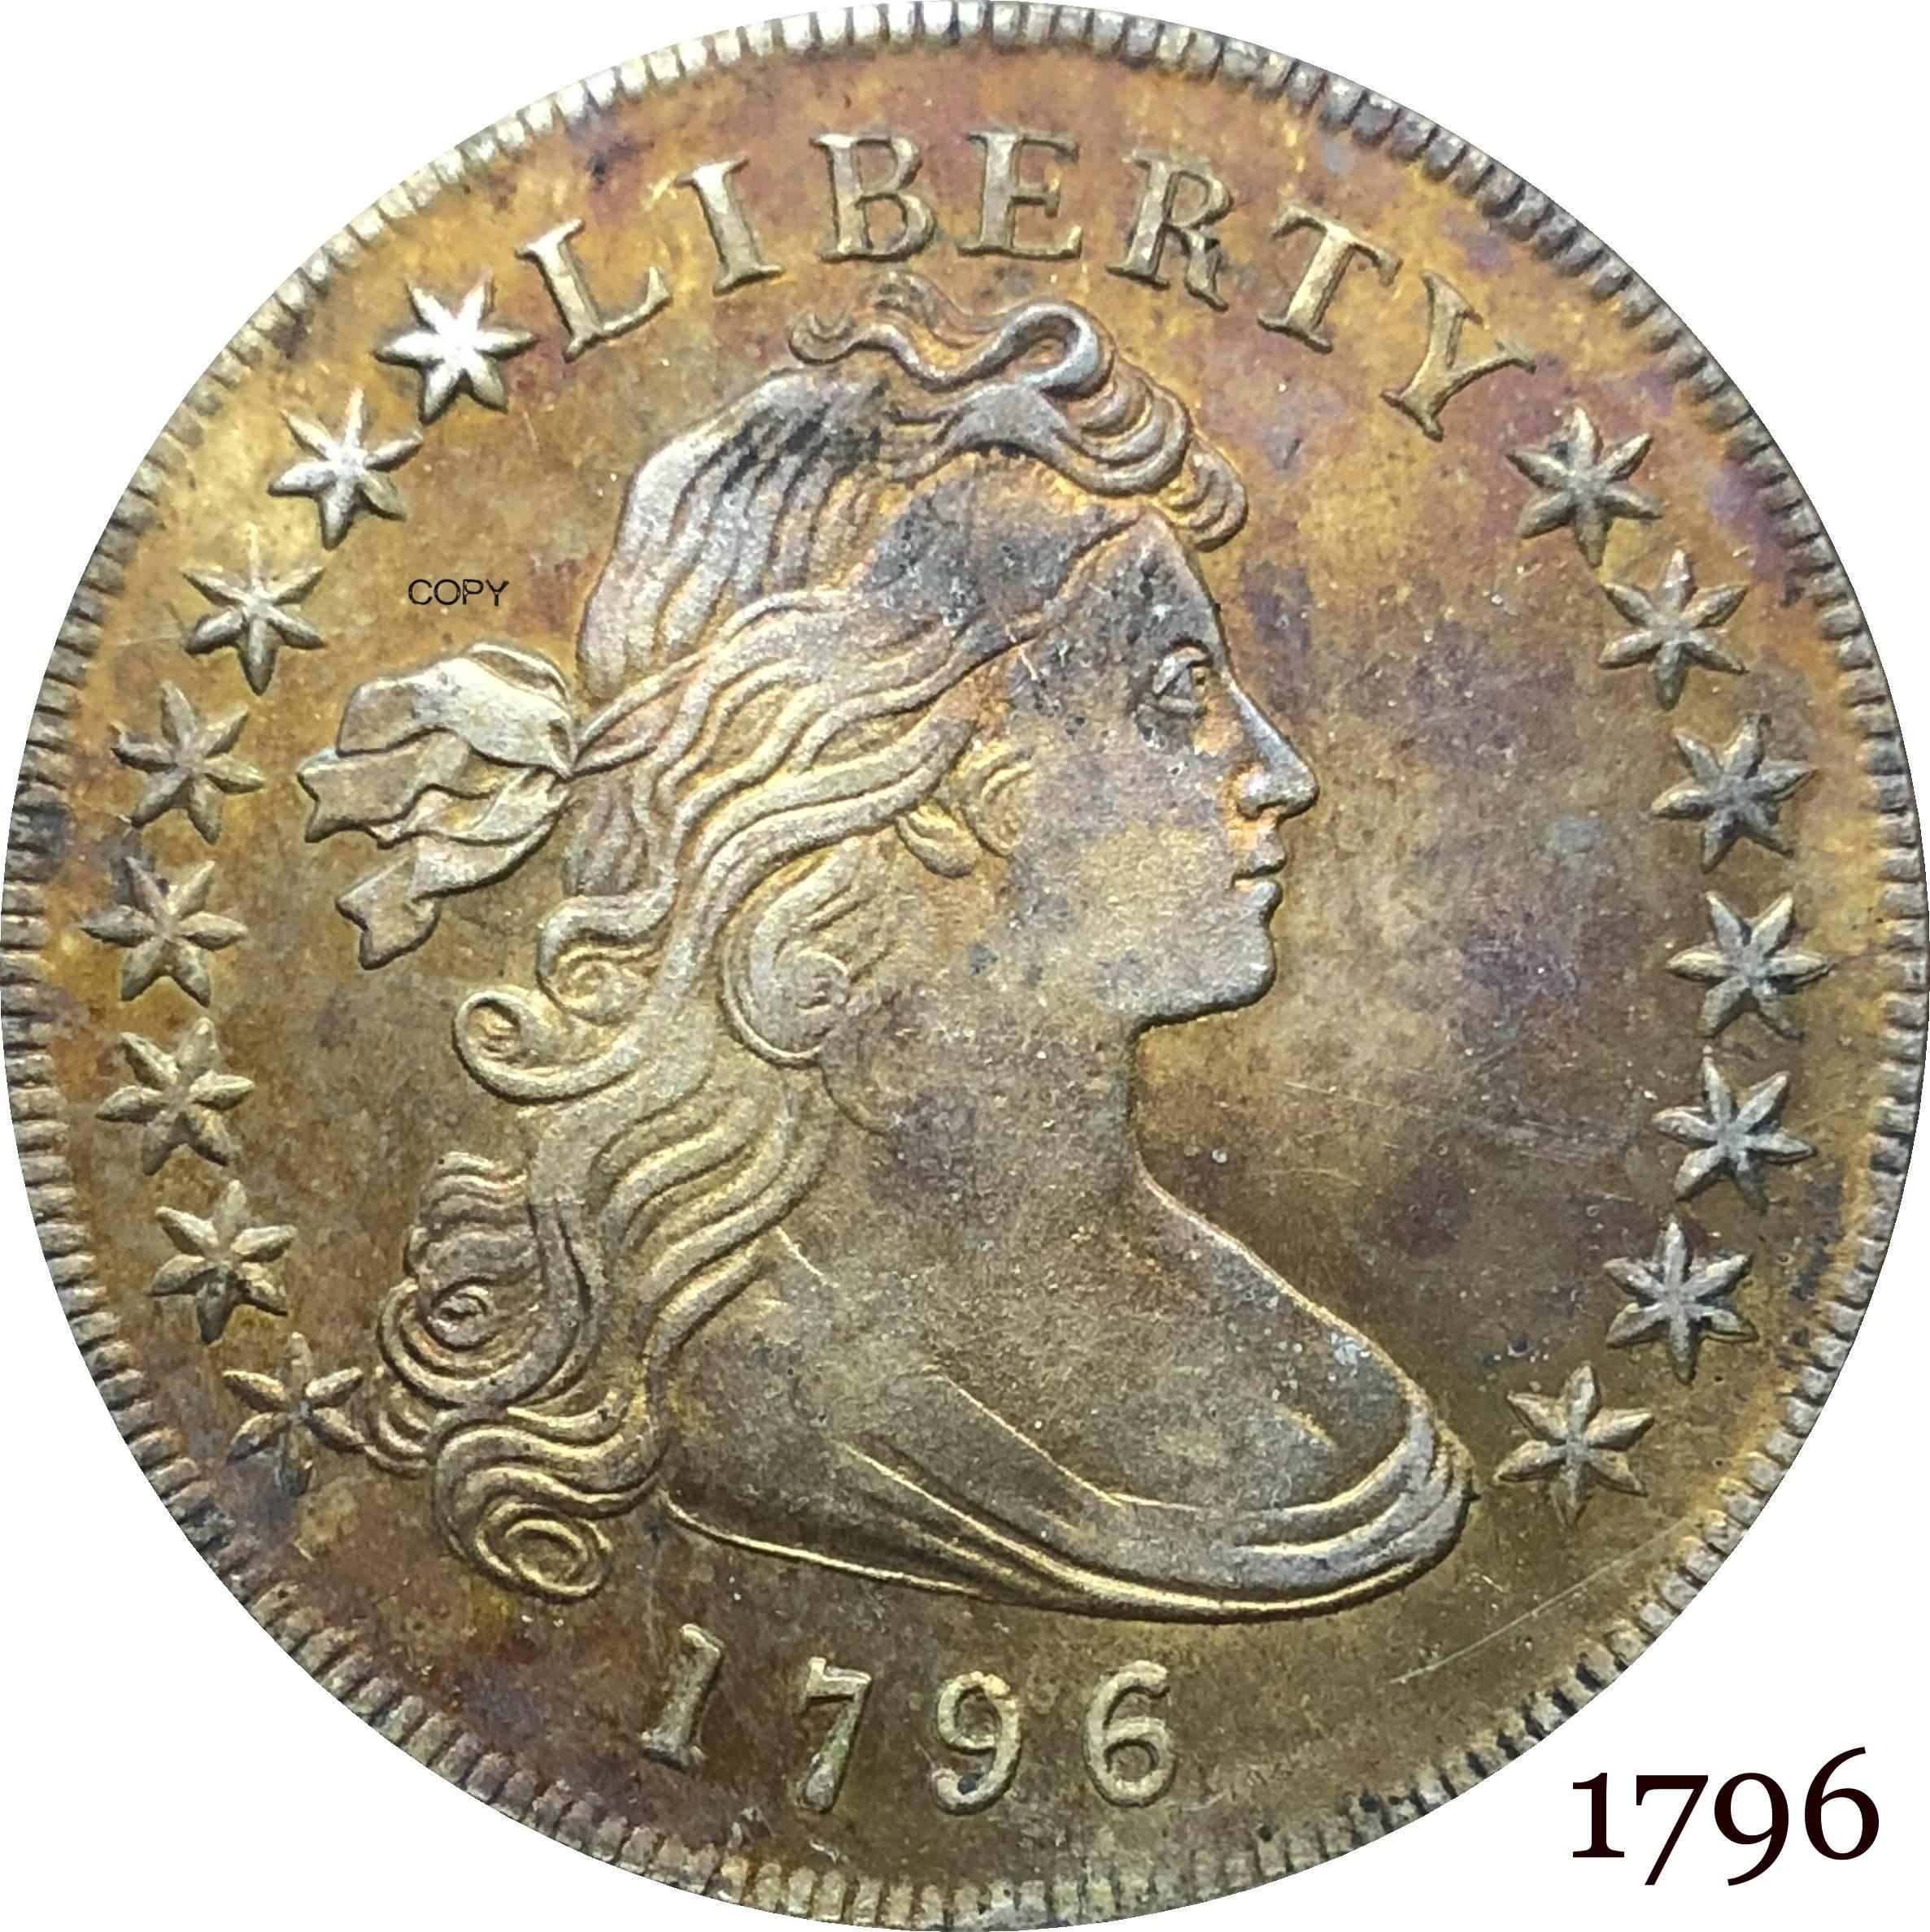 Американская американская монета 1796, с драпировкой бюста, один доллар, маленький Орел, Мельхиор, посеребренные копировальные монеты